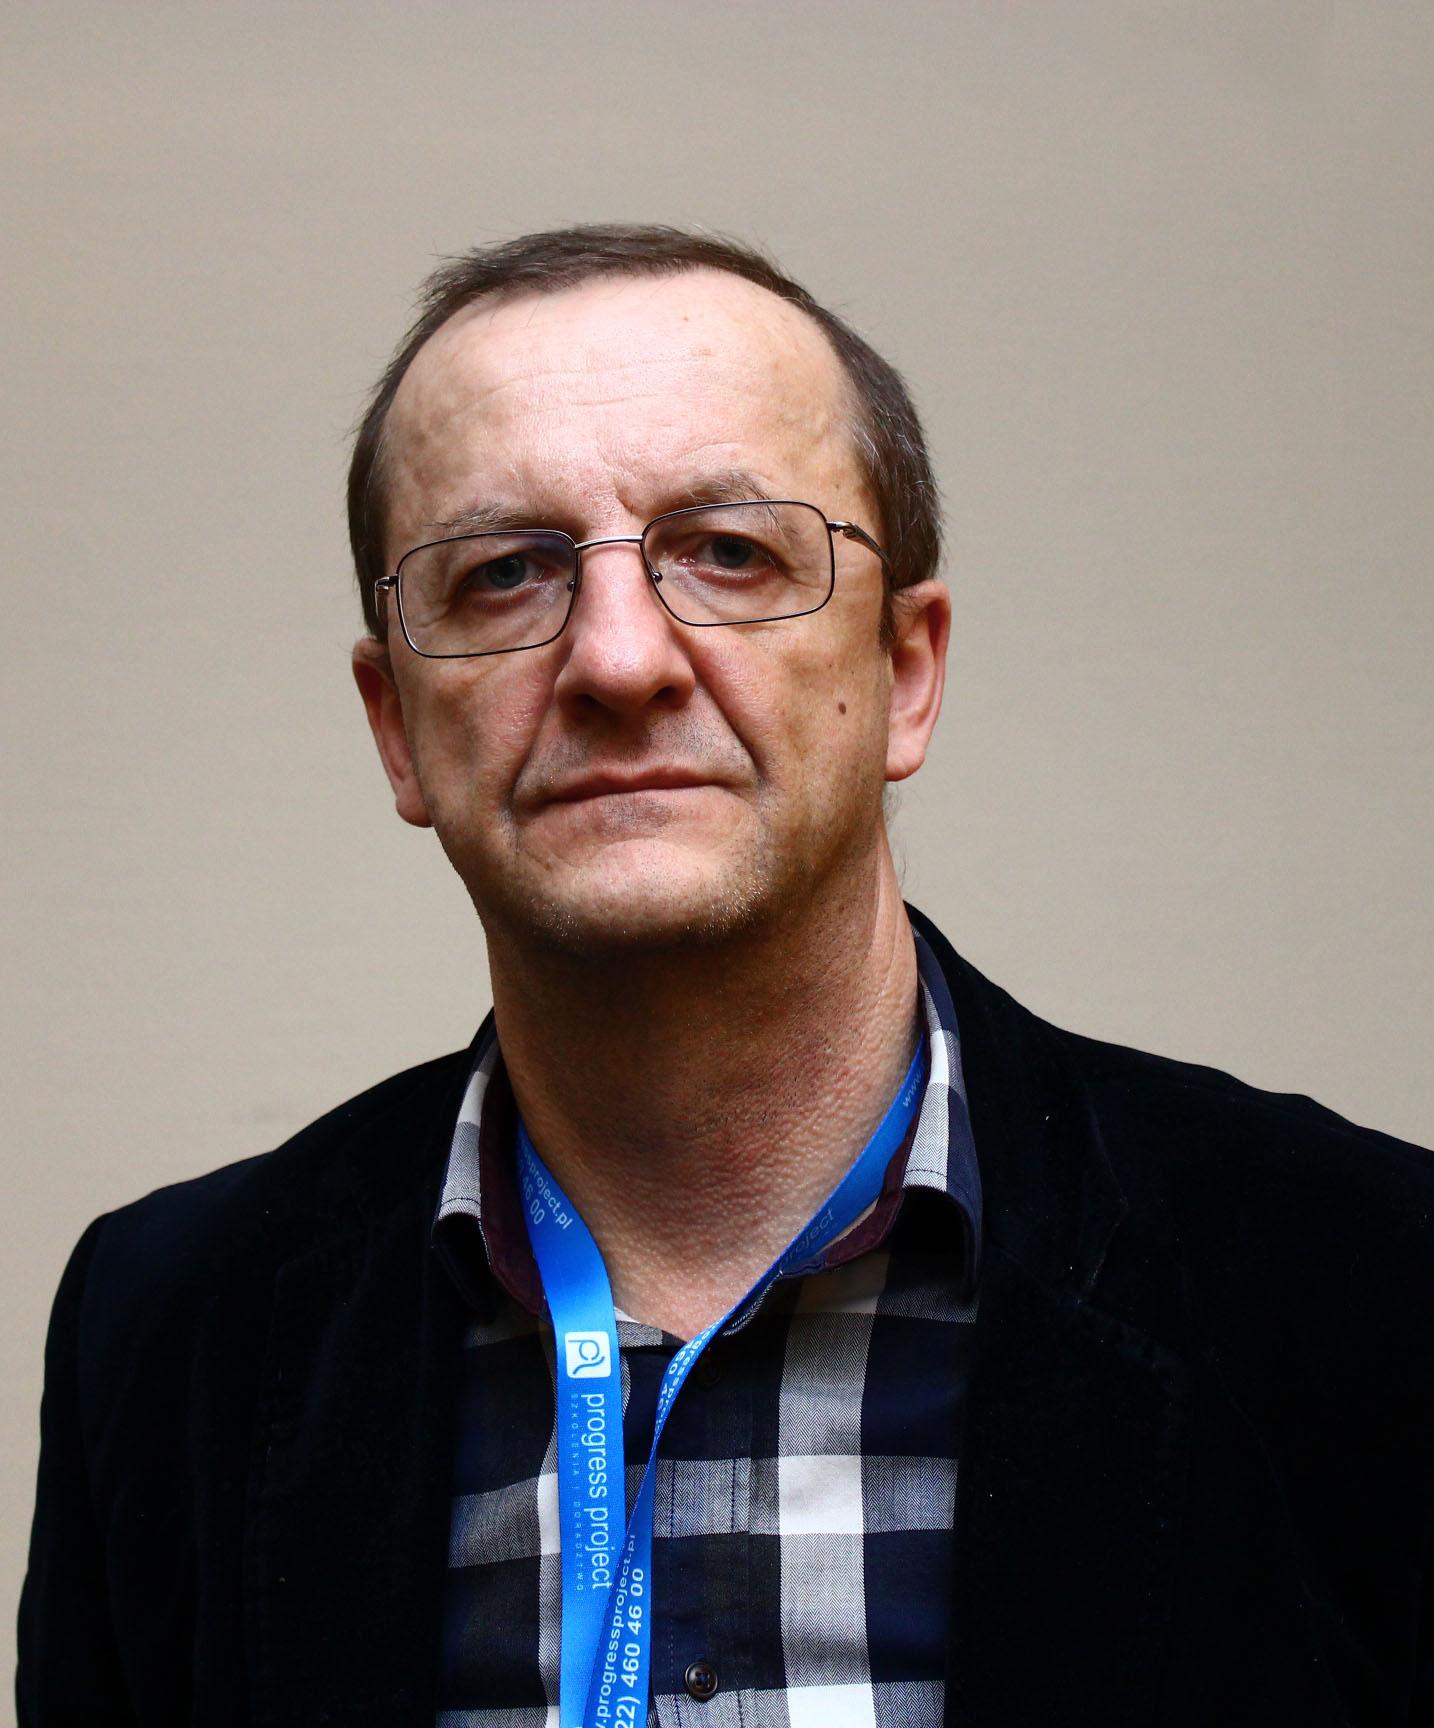 Andrzej Sikorski szkolenie w Progress Project